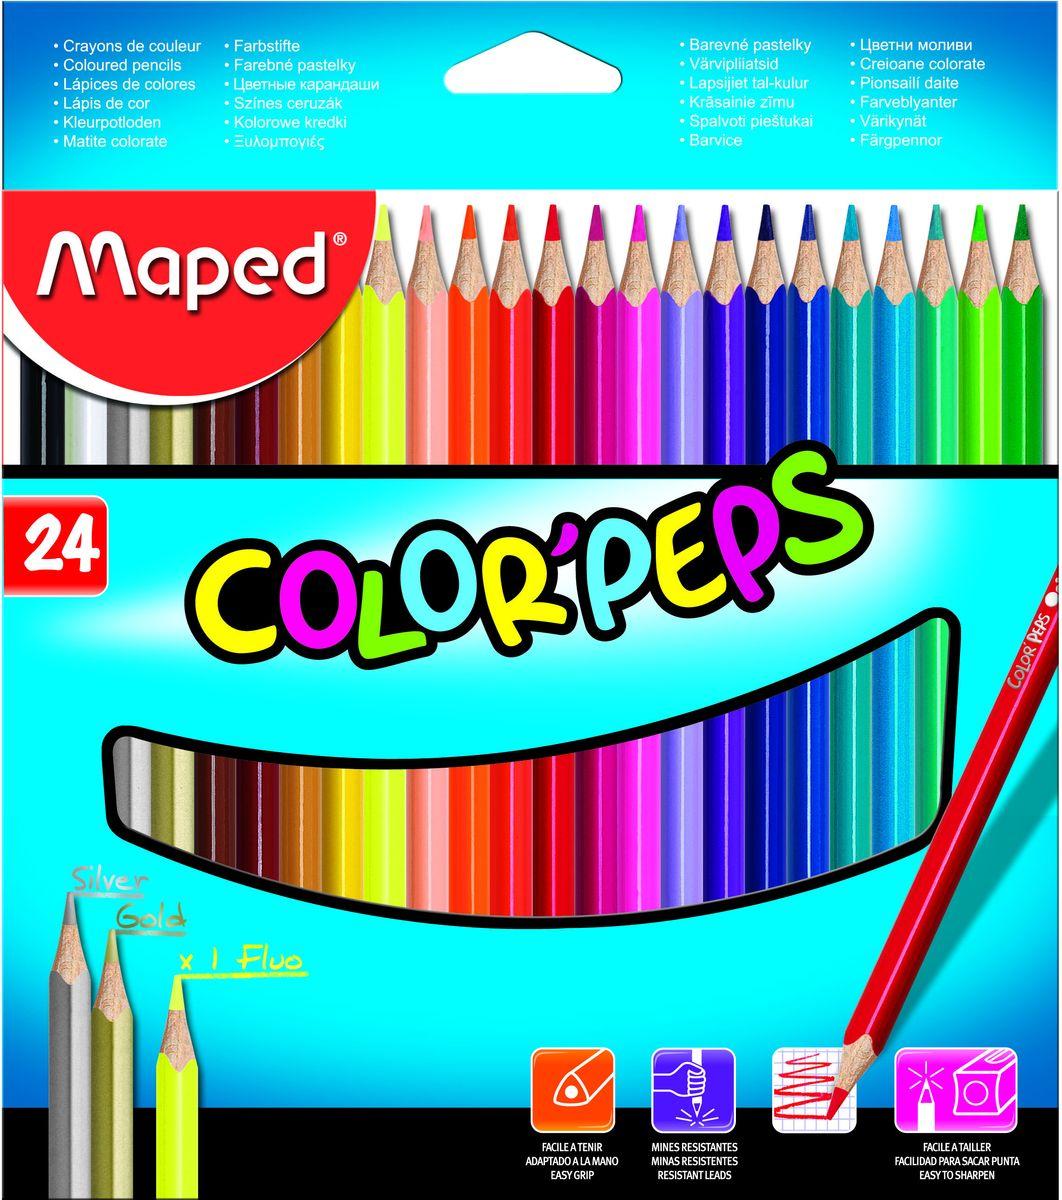 Maped Набор цветных карандашей Colorpeps 24 цветаCS-MixpackА6Карандаши цветные из американской липы, треугольные, ударопрочный грифель, в картонном футляре, 24 цвета.